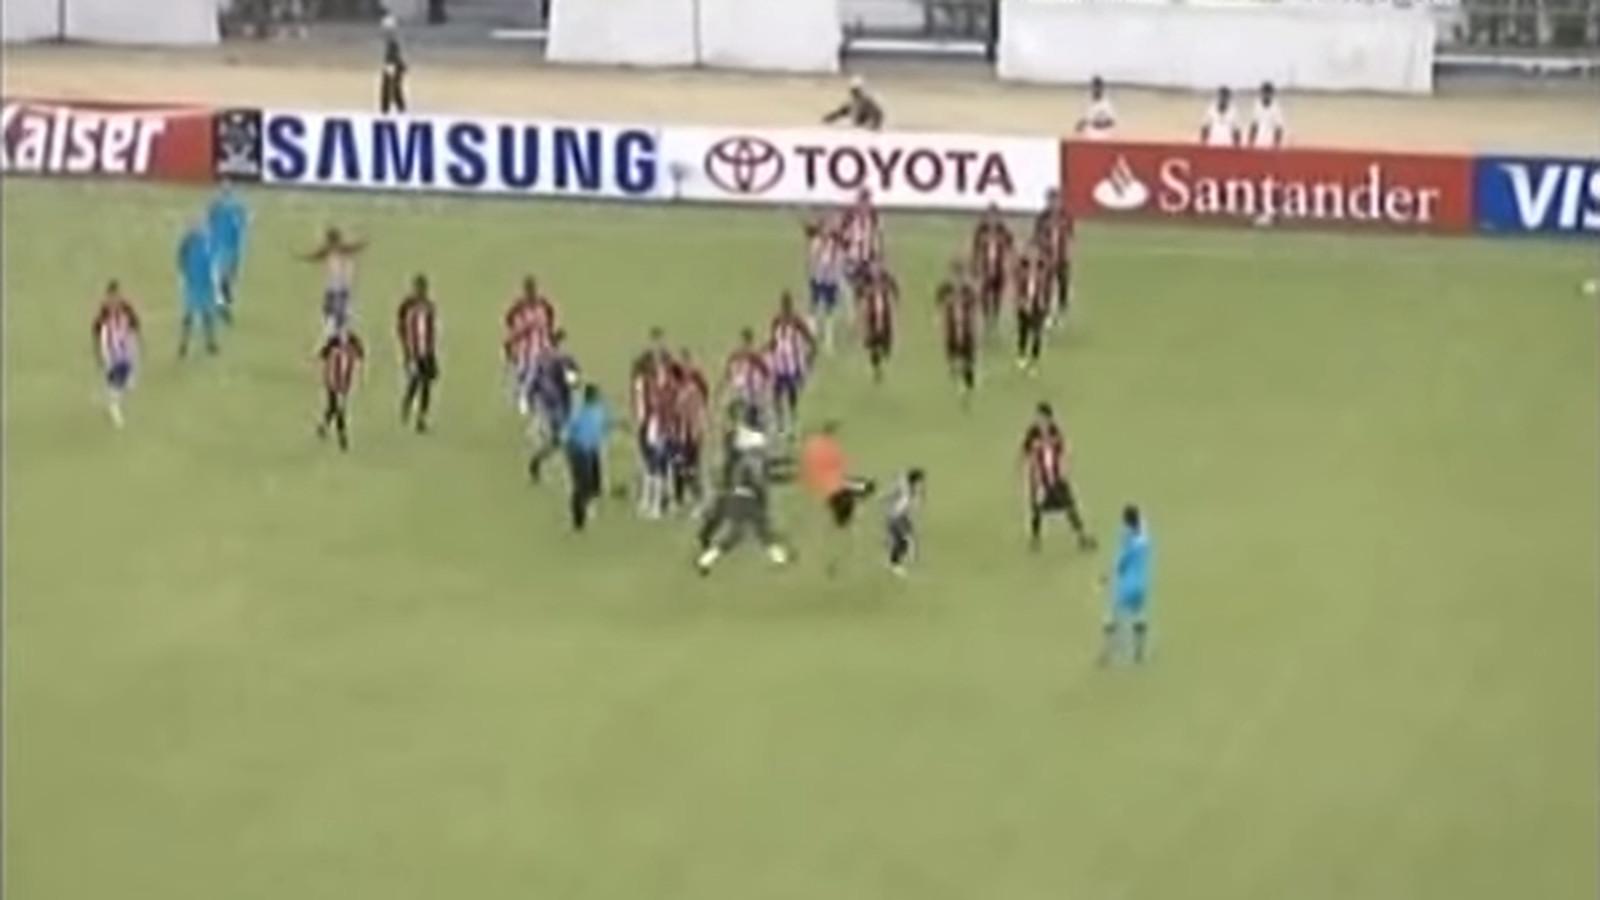 Copa Libertadores很棒,而墨西哥队则放大了它的疯狂